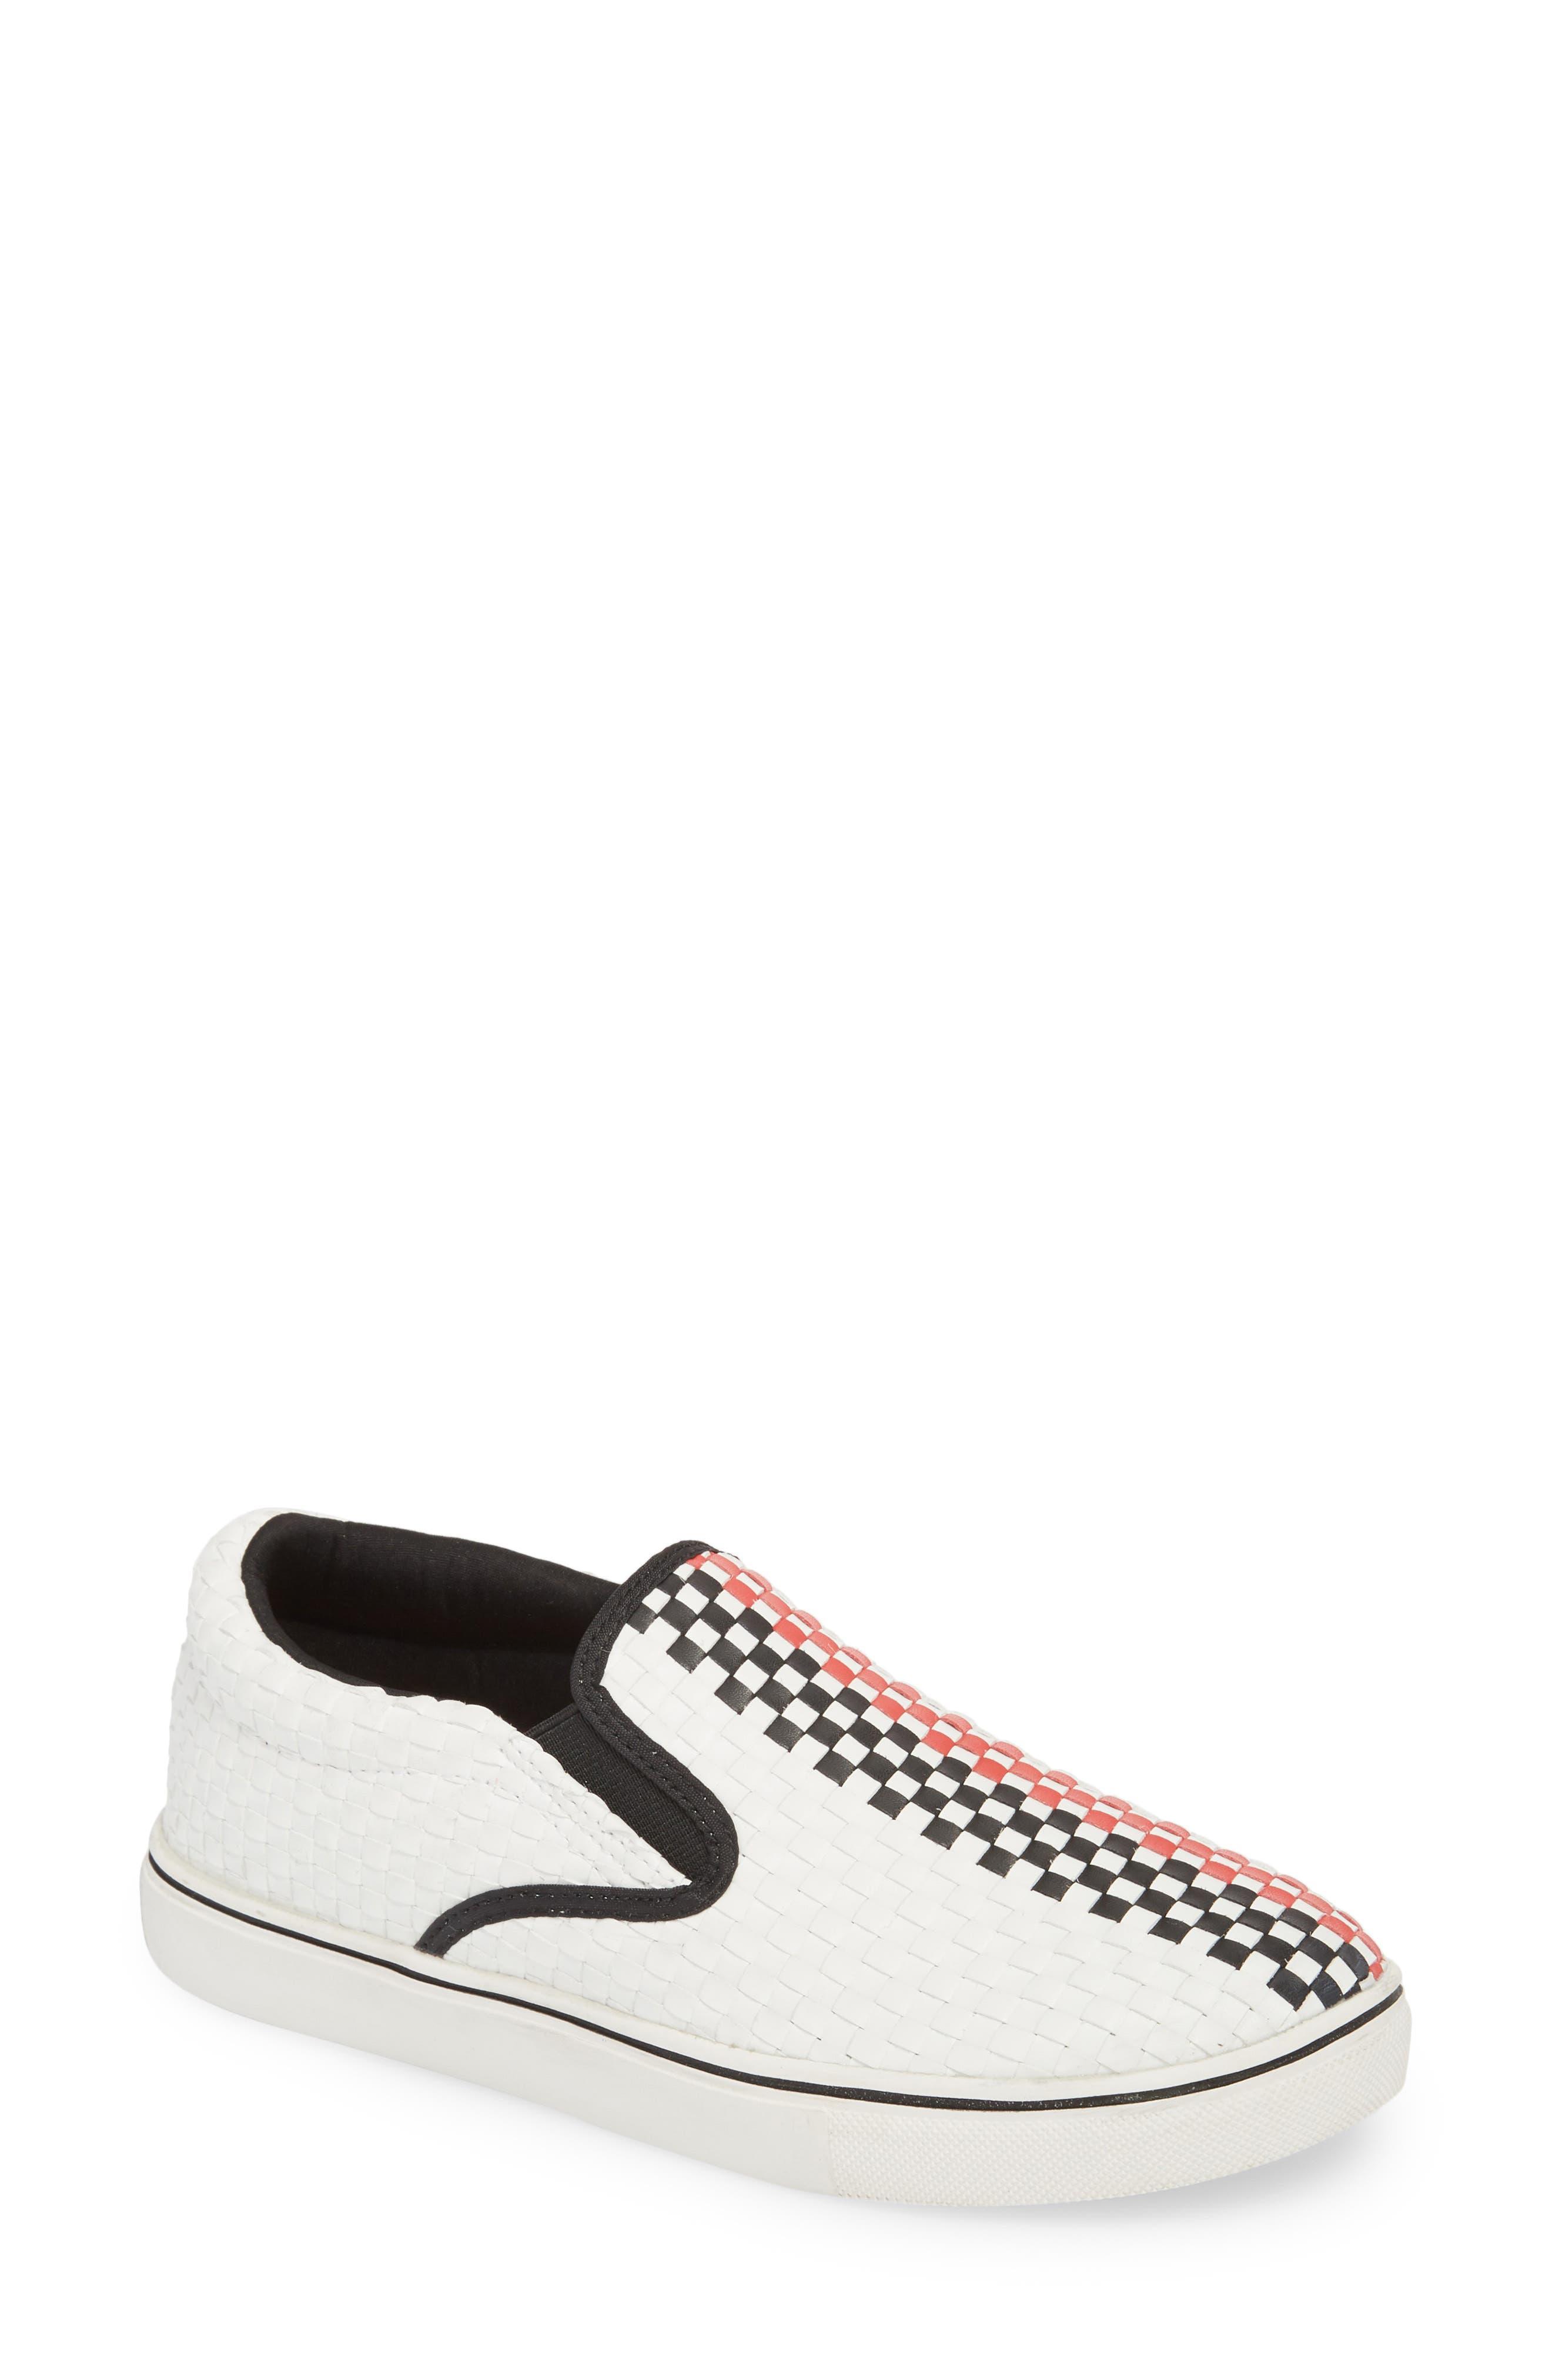 bernie mev. Checkerboard Slip-On Sneaker (Women)